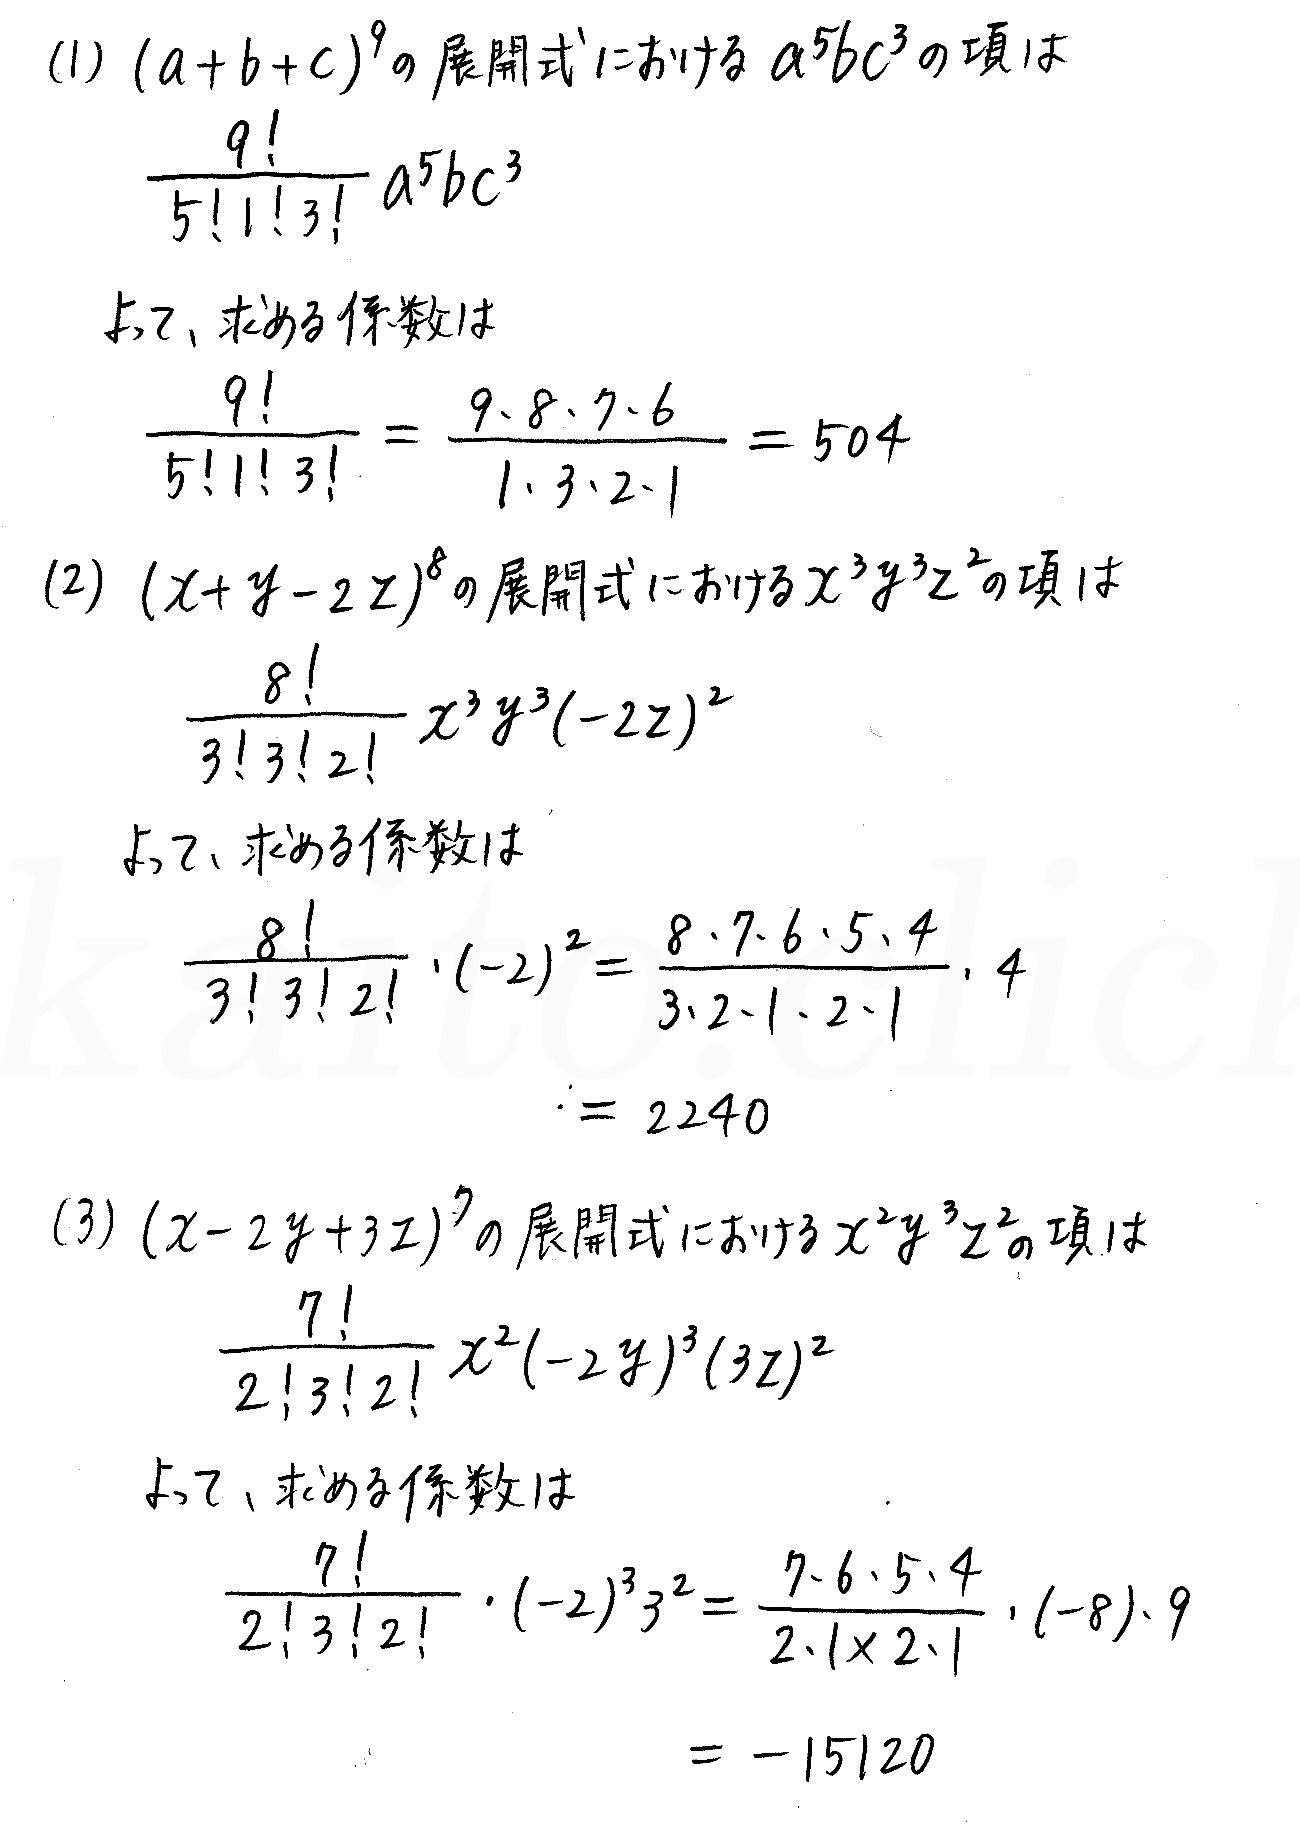 クリアー数学2-18解答